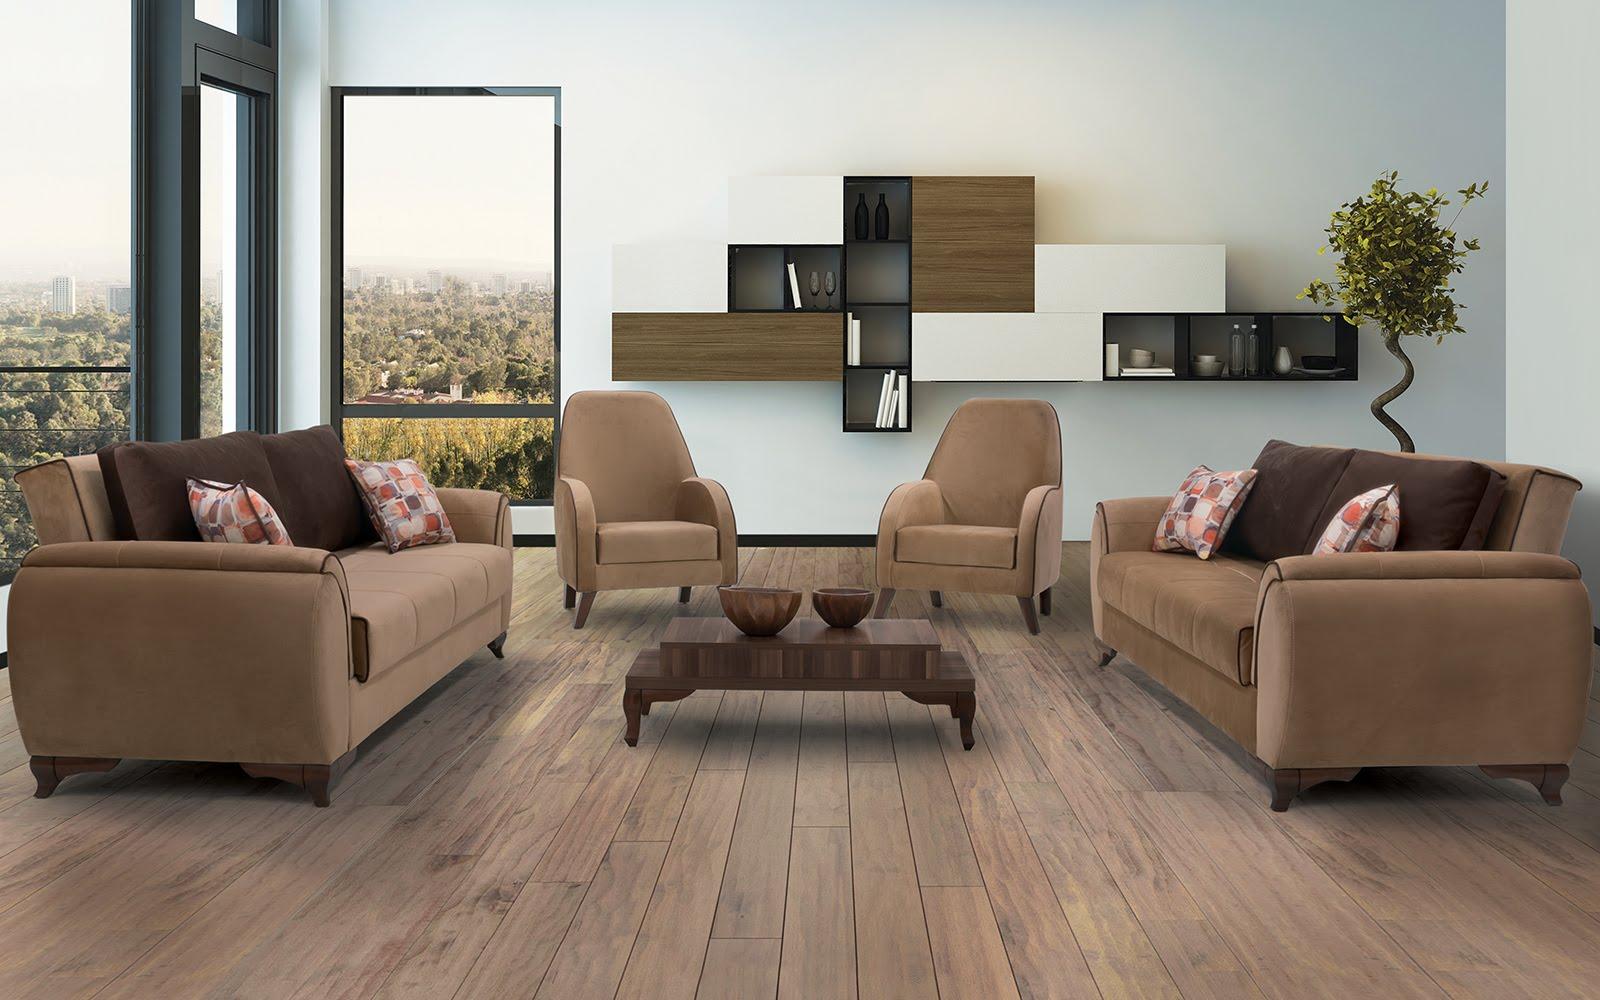 Ansprechend Möble Beste Wahl Furniture